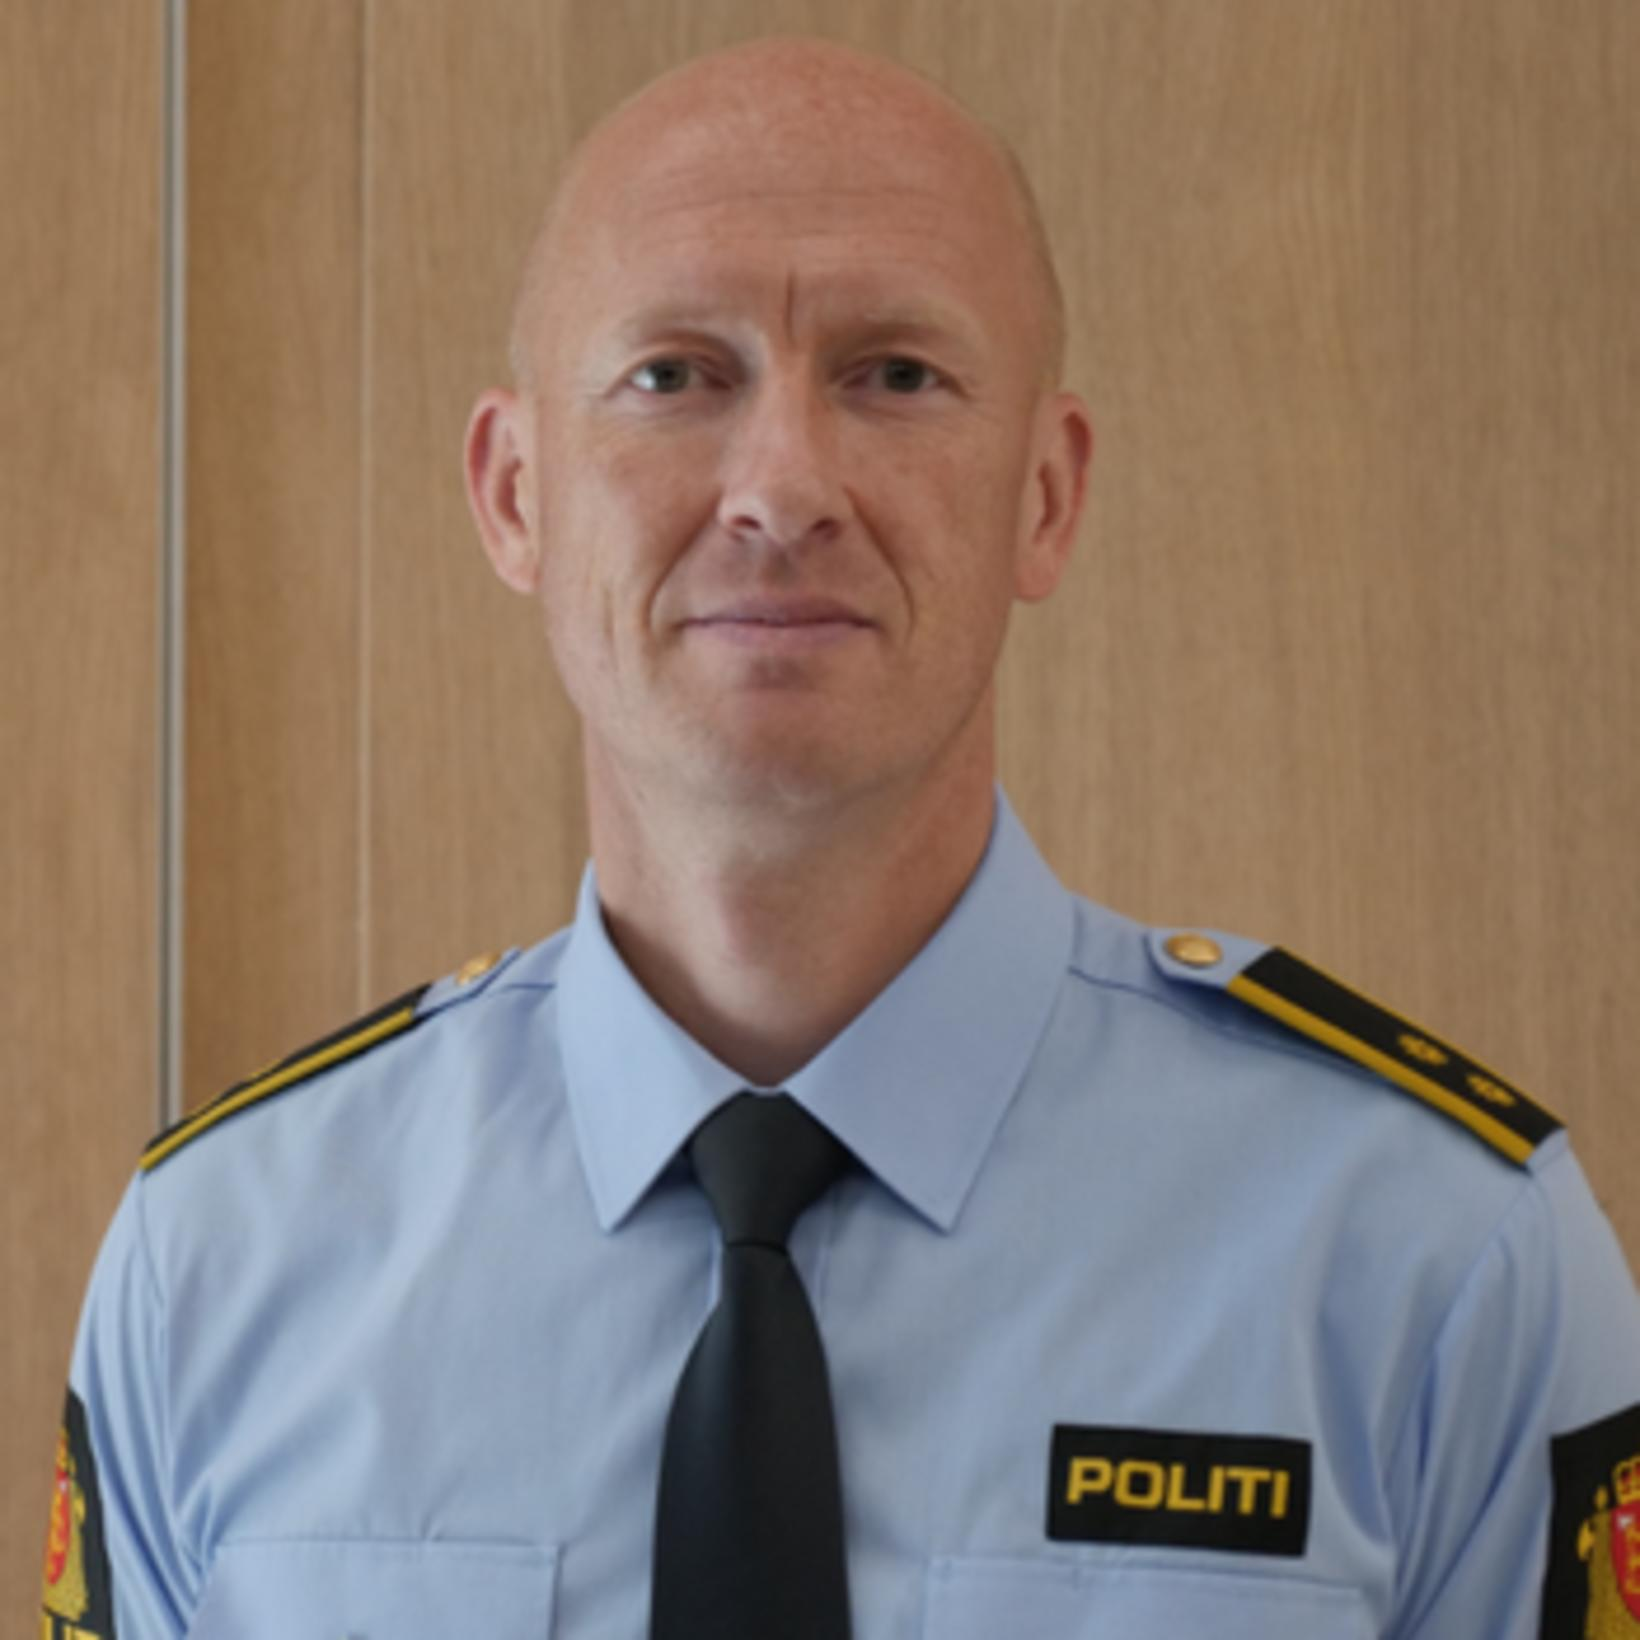 Øystein Andreassen, deildarstjóri NC3, eða Nasjonalt Cyberkrimsenter, hjá rannsóknarlögreglunni Kripos, …